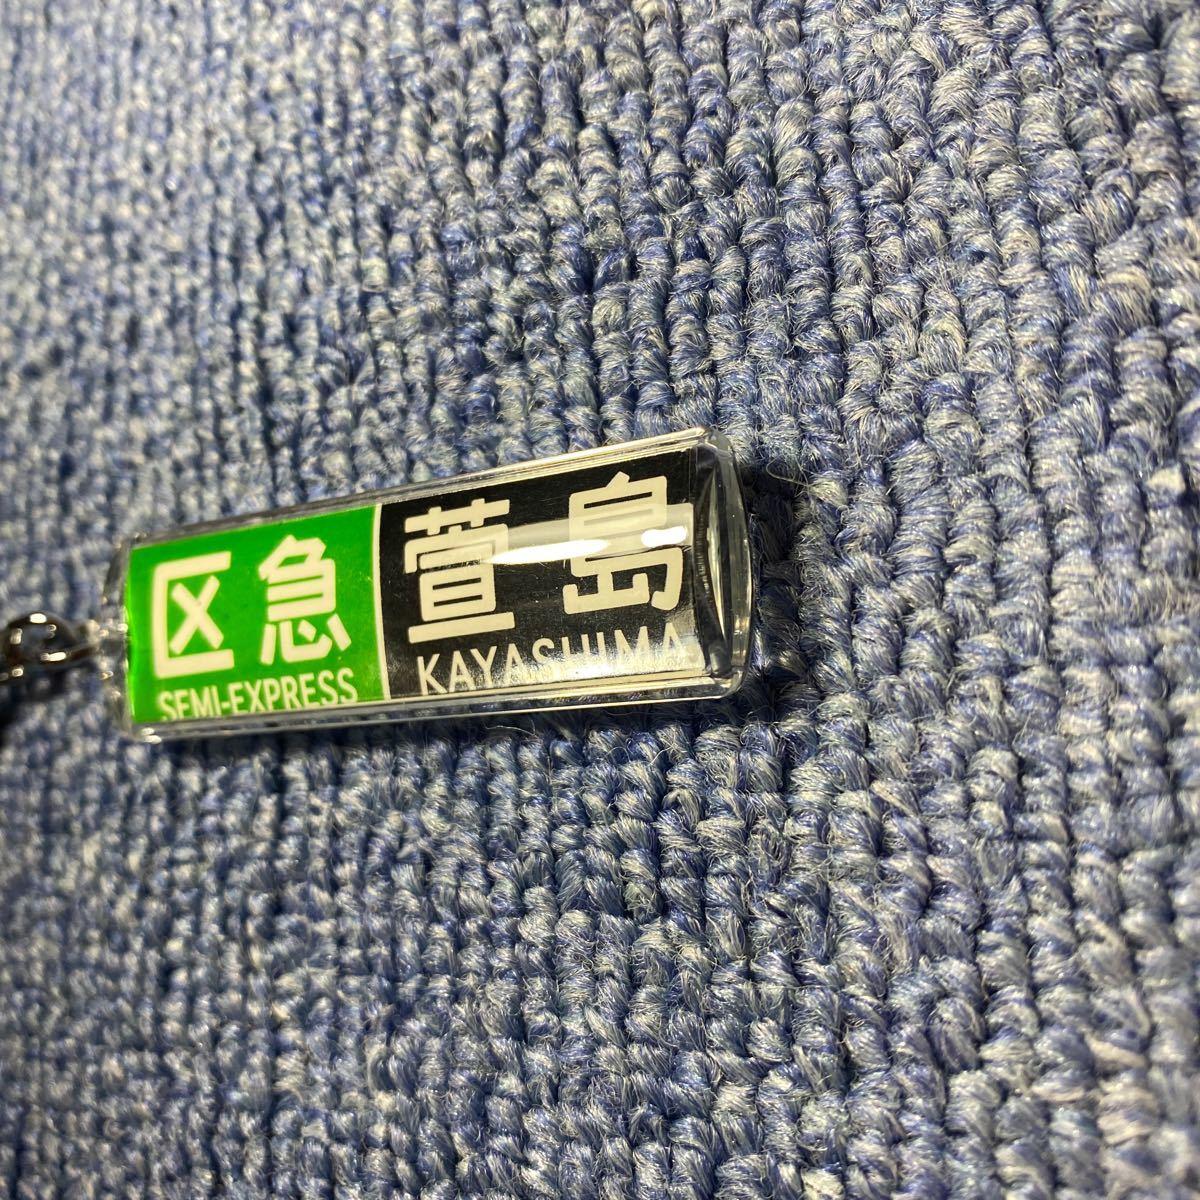 行先表示表 キーホルダー 区急 萱島 電車 鉄道グッズ コレクション レア 未使用_画像3